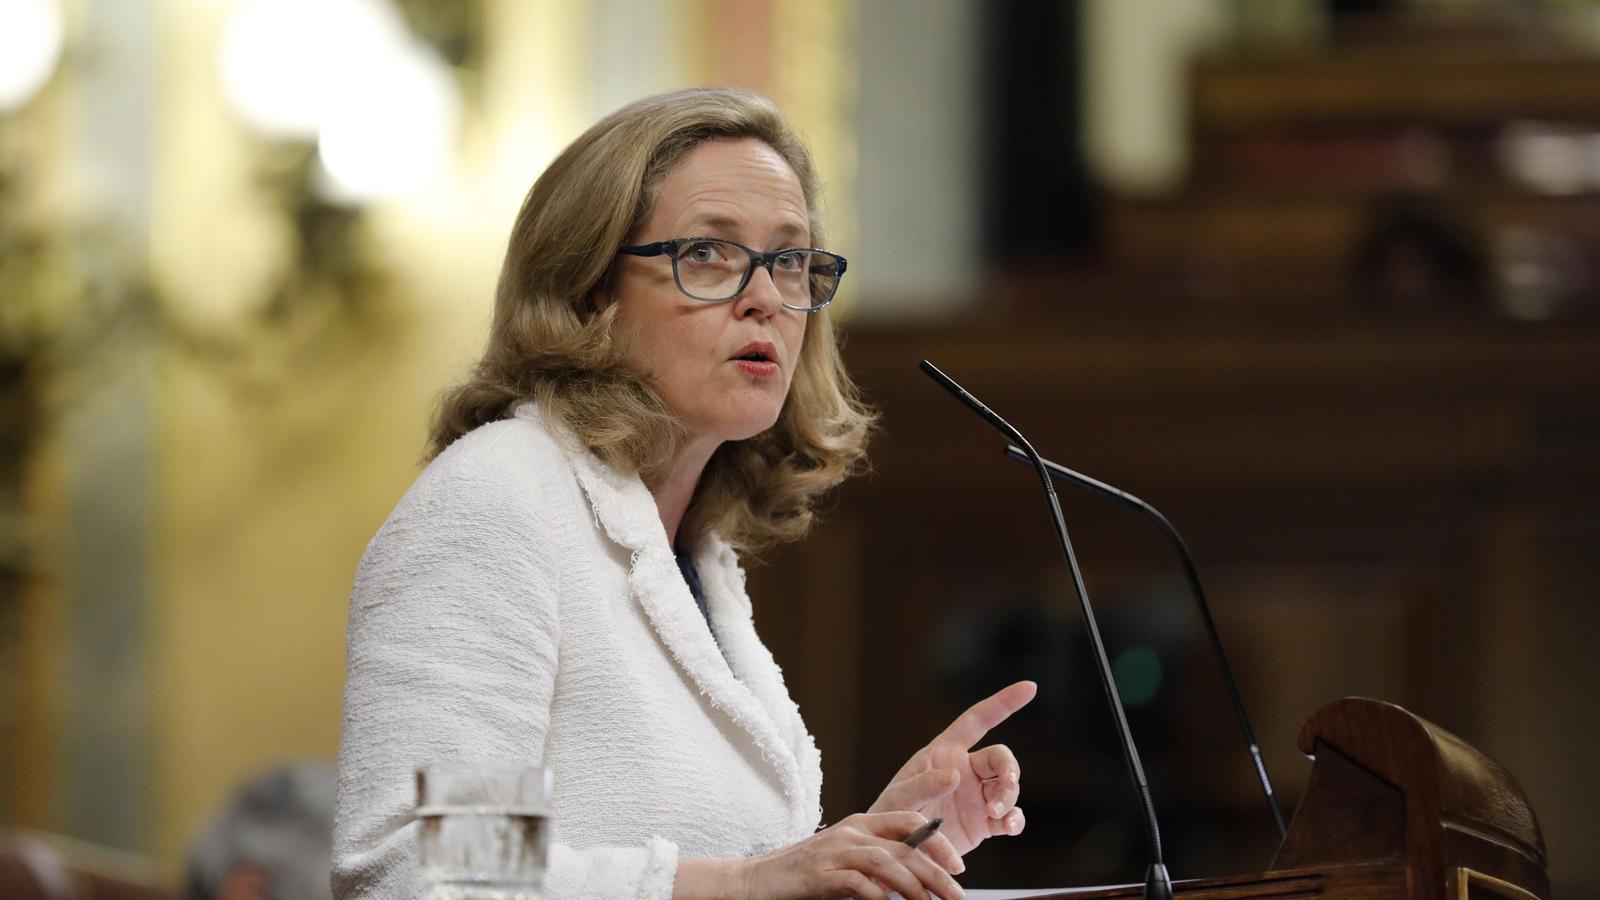 La ministra d'Economia, Nadia Calviño, aquest dimecres al Congrés.